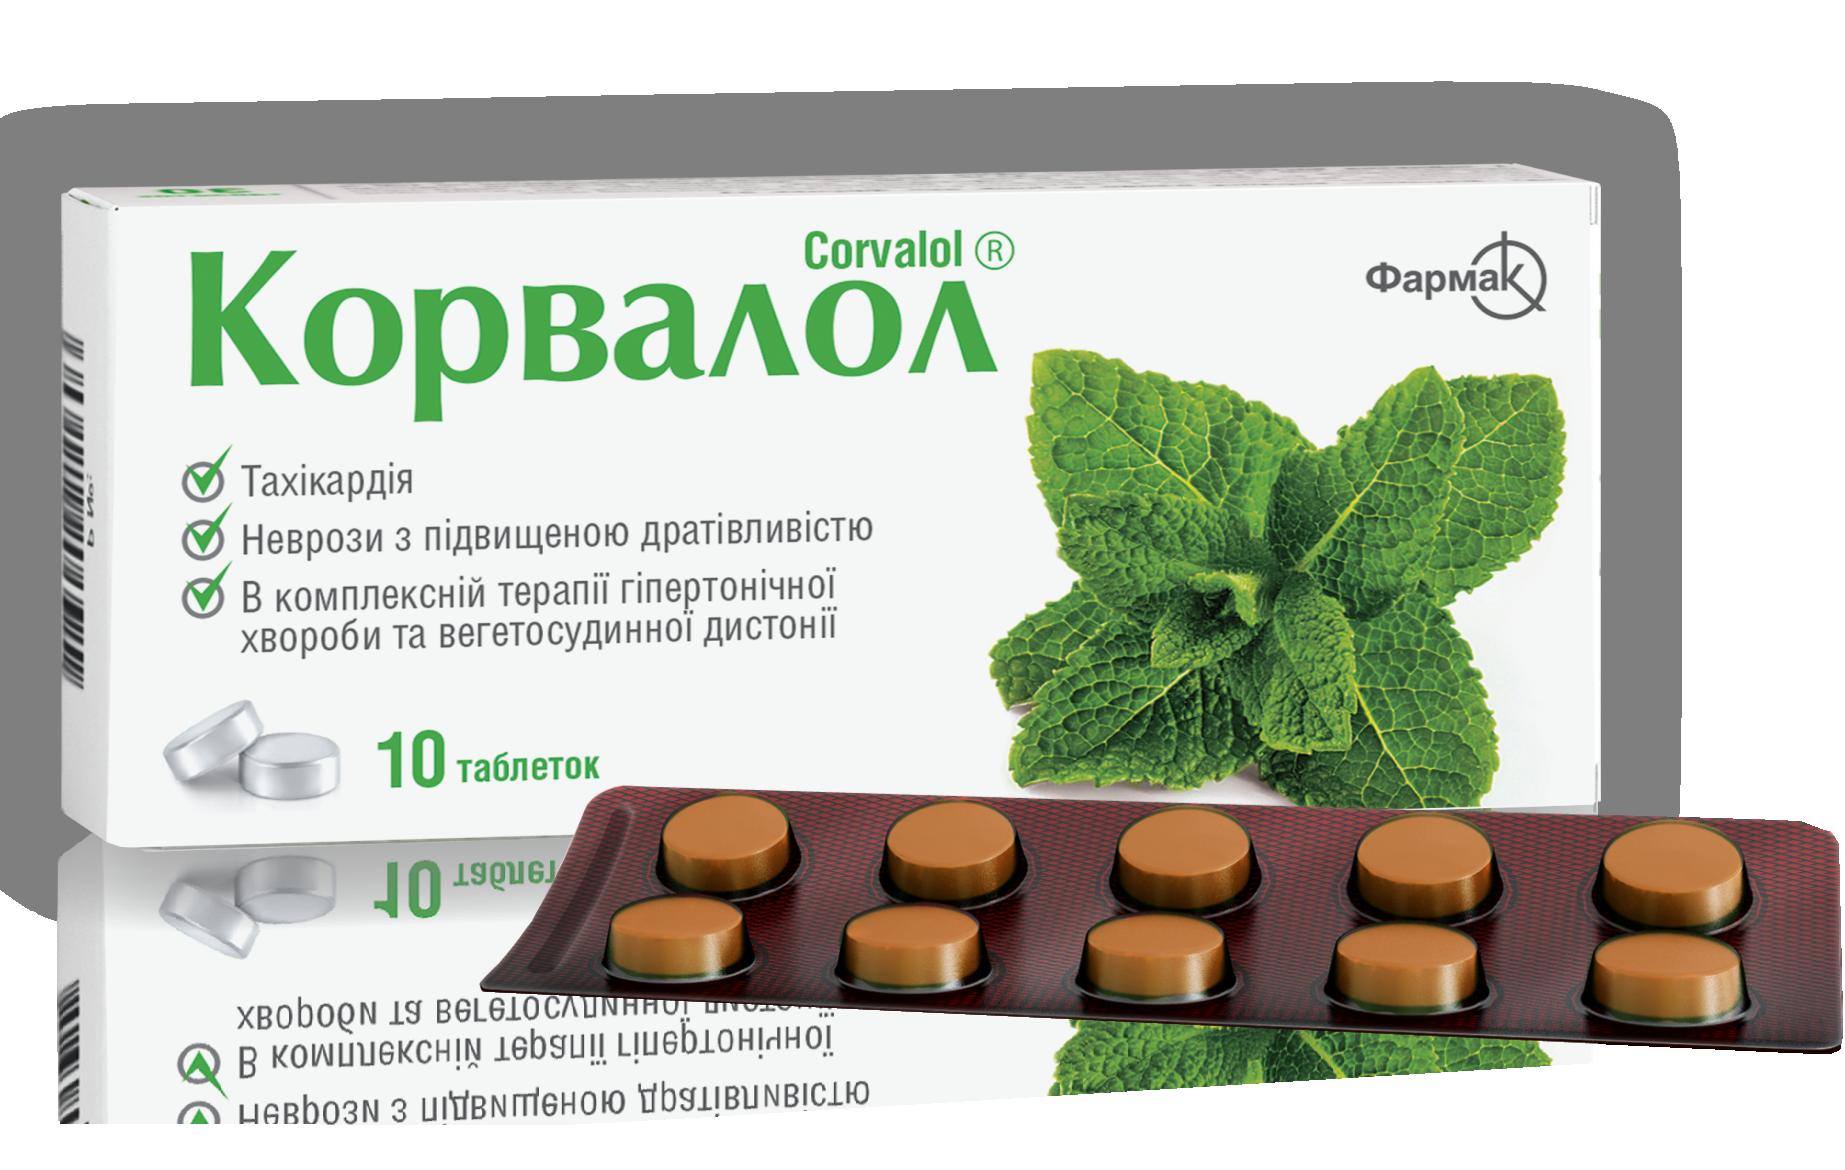 magas vérnyomás corvalol magas vérnyomású szívfájdalom elleni gyógyszer